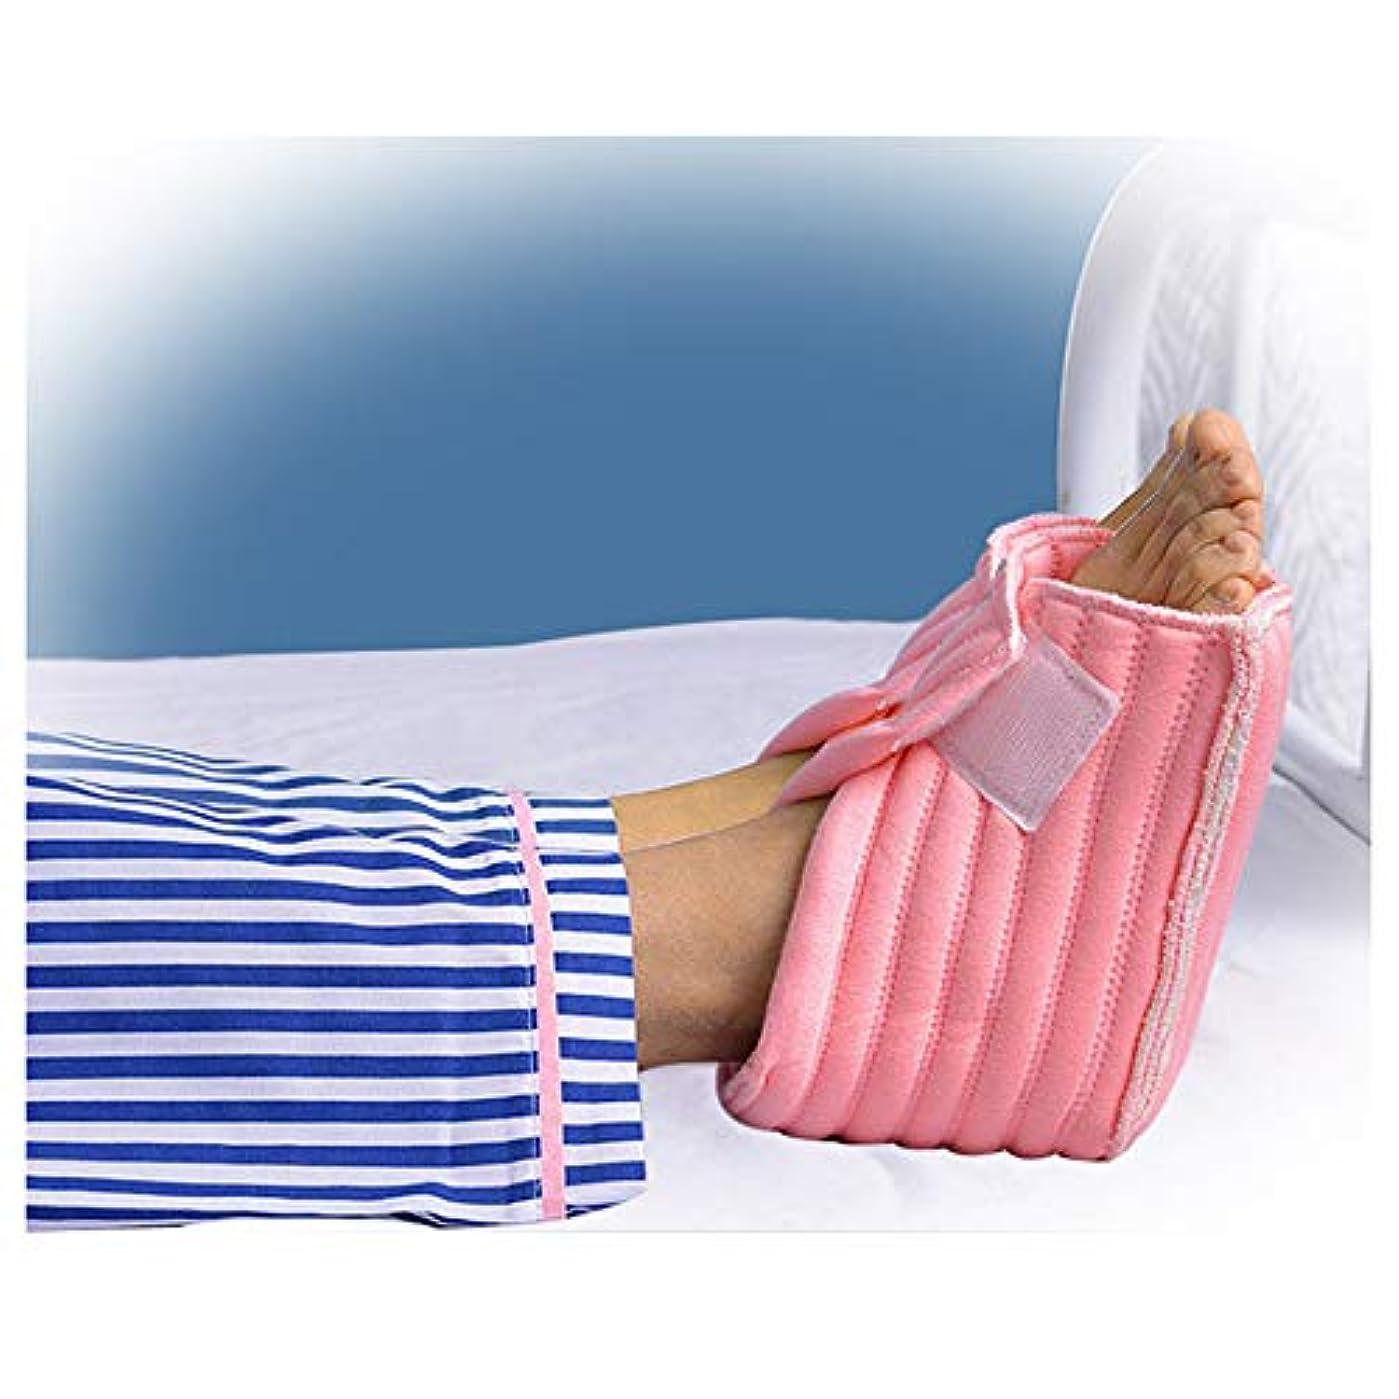 結婚した事件、出来事更新するヒールプロテクター枕、足首サポート枕フットプロテクション、足枕、1ペア、ピンク